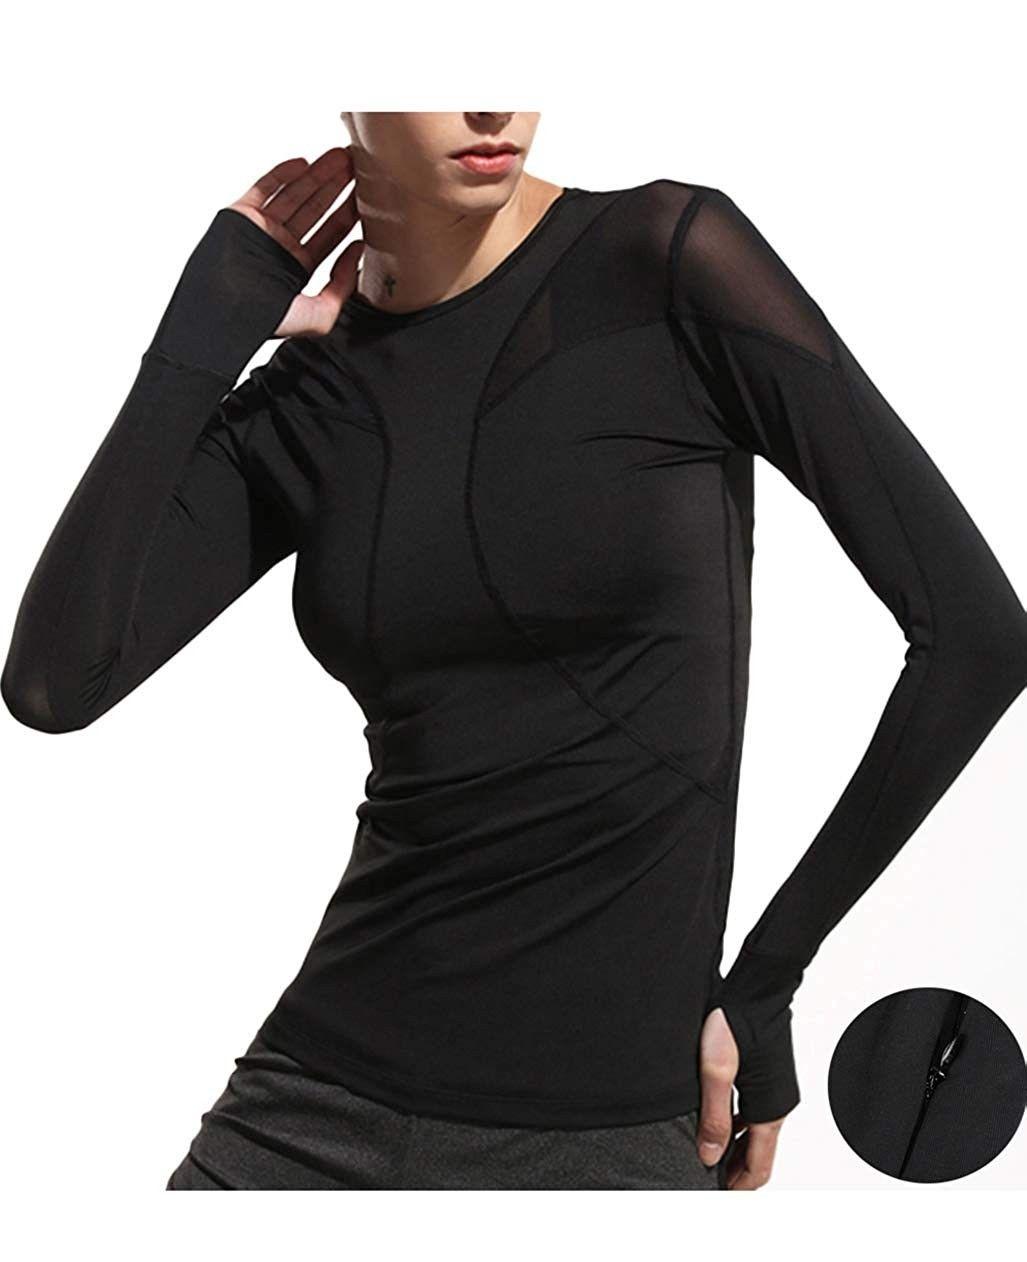 Girls Tops Long Sleeve Shirts Hoodies Outdoor Performance Workout Active Running Shirt